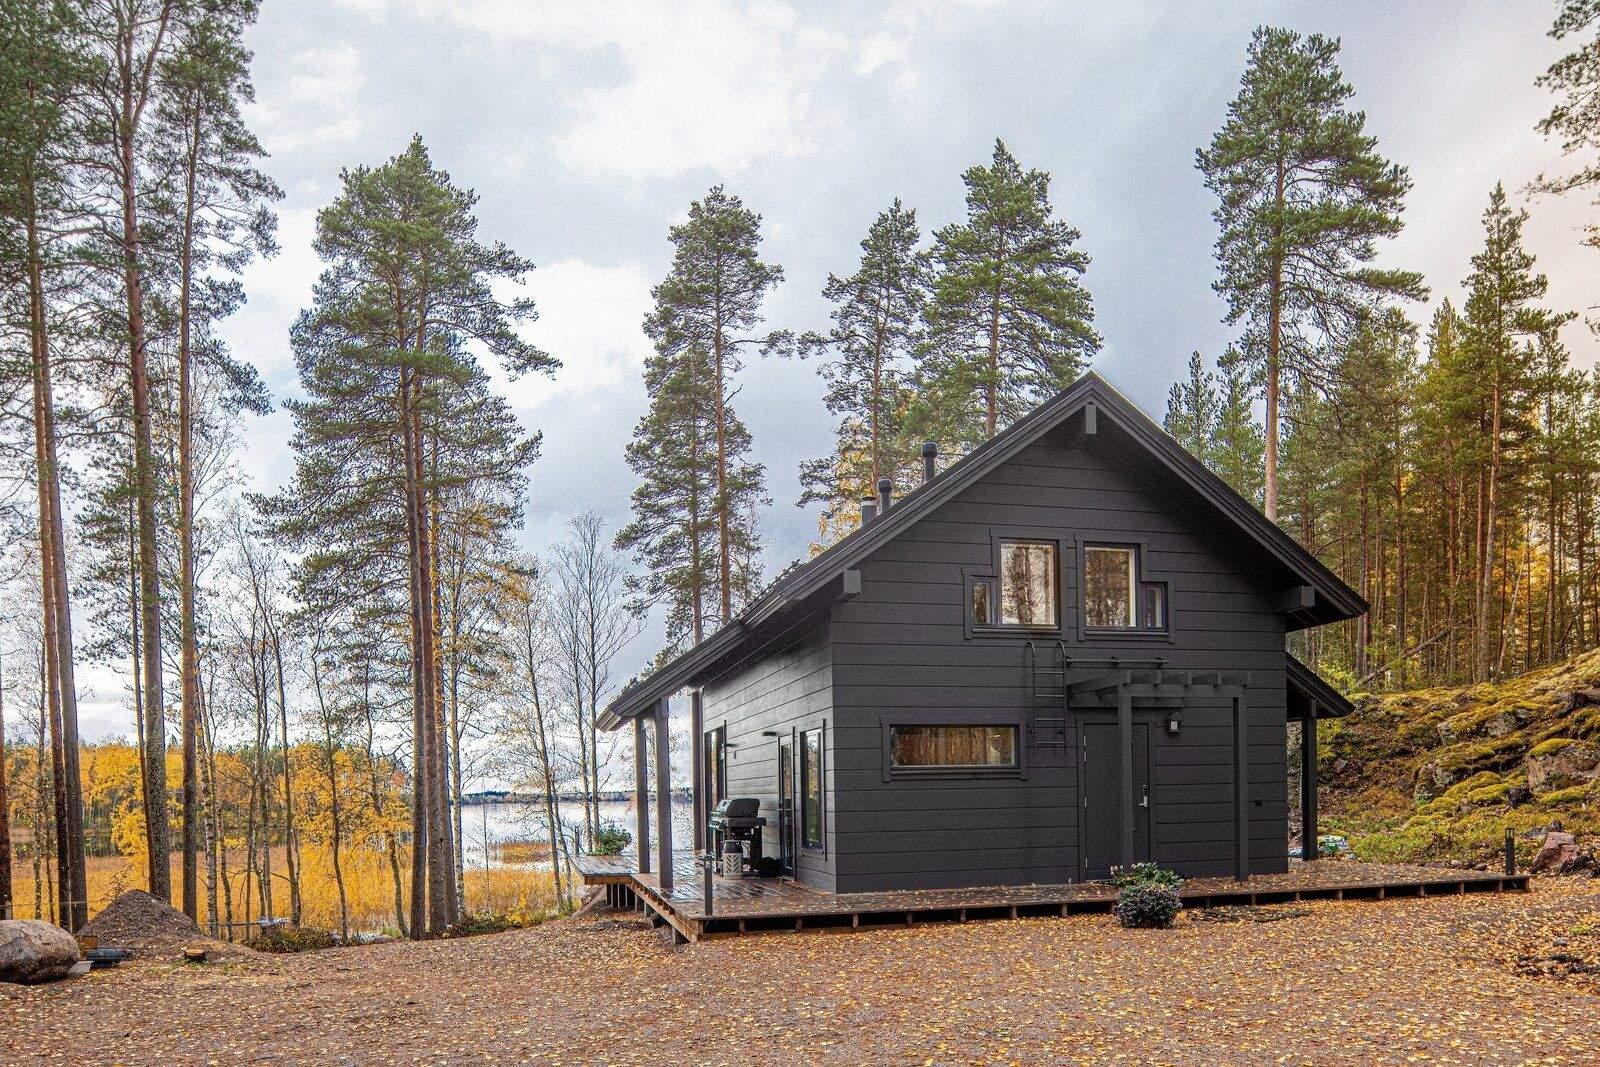 Сучасний та зручний дім у фінському лісі / Фото Dwell